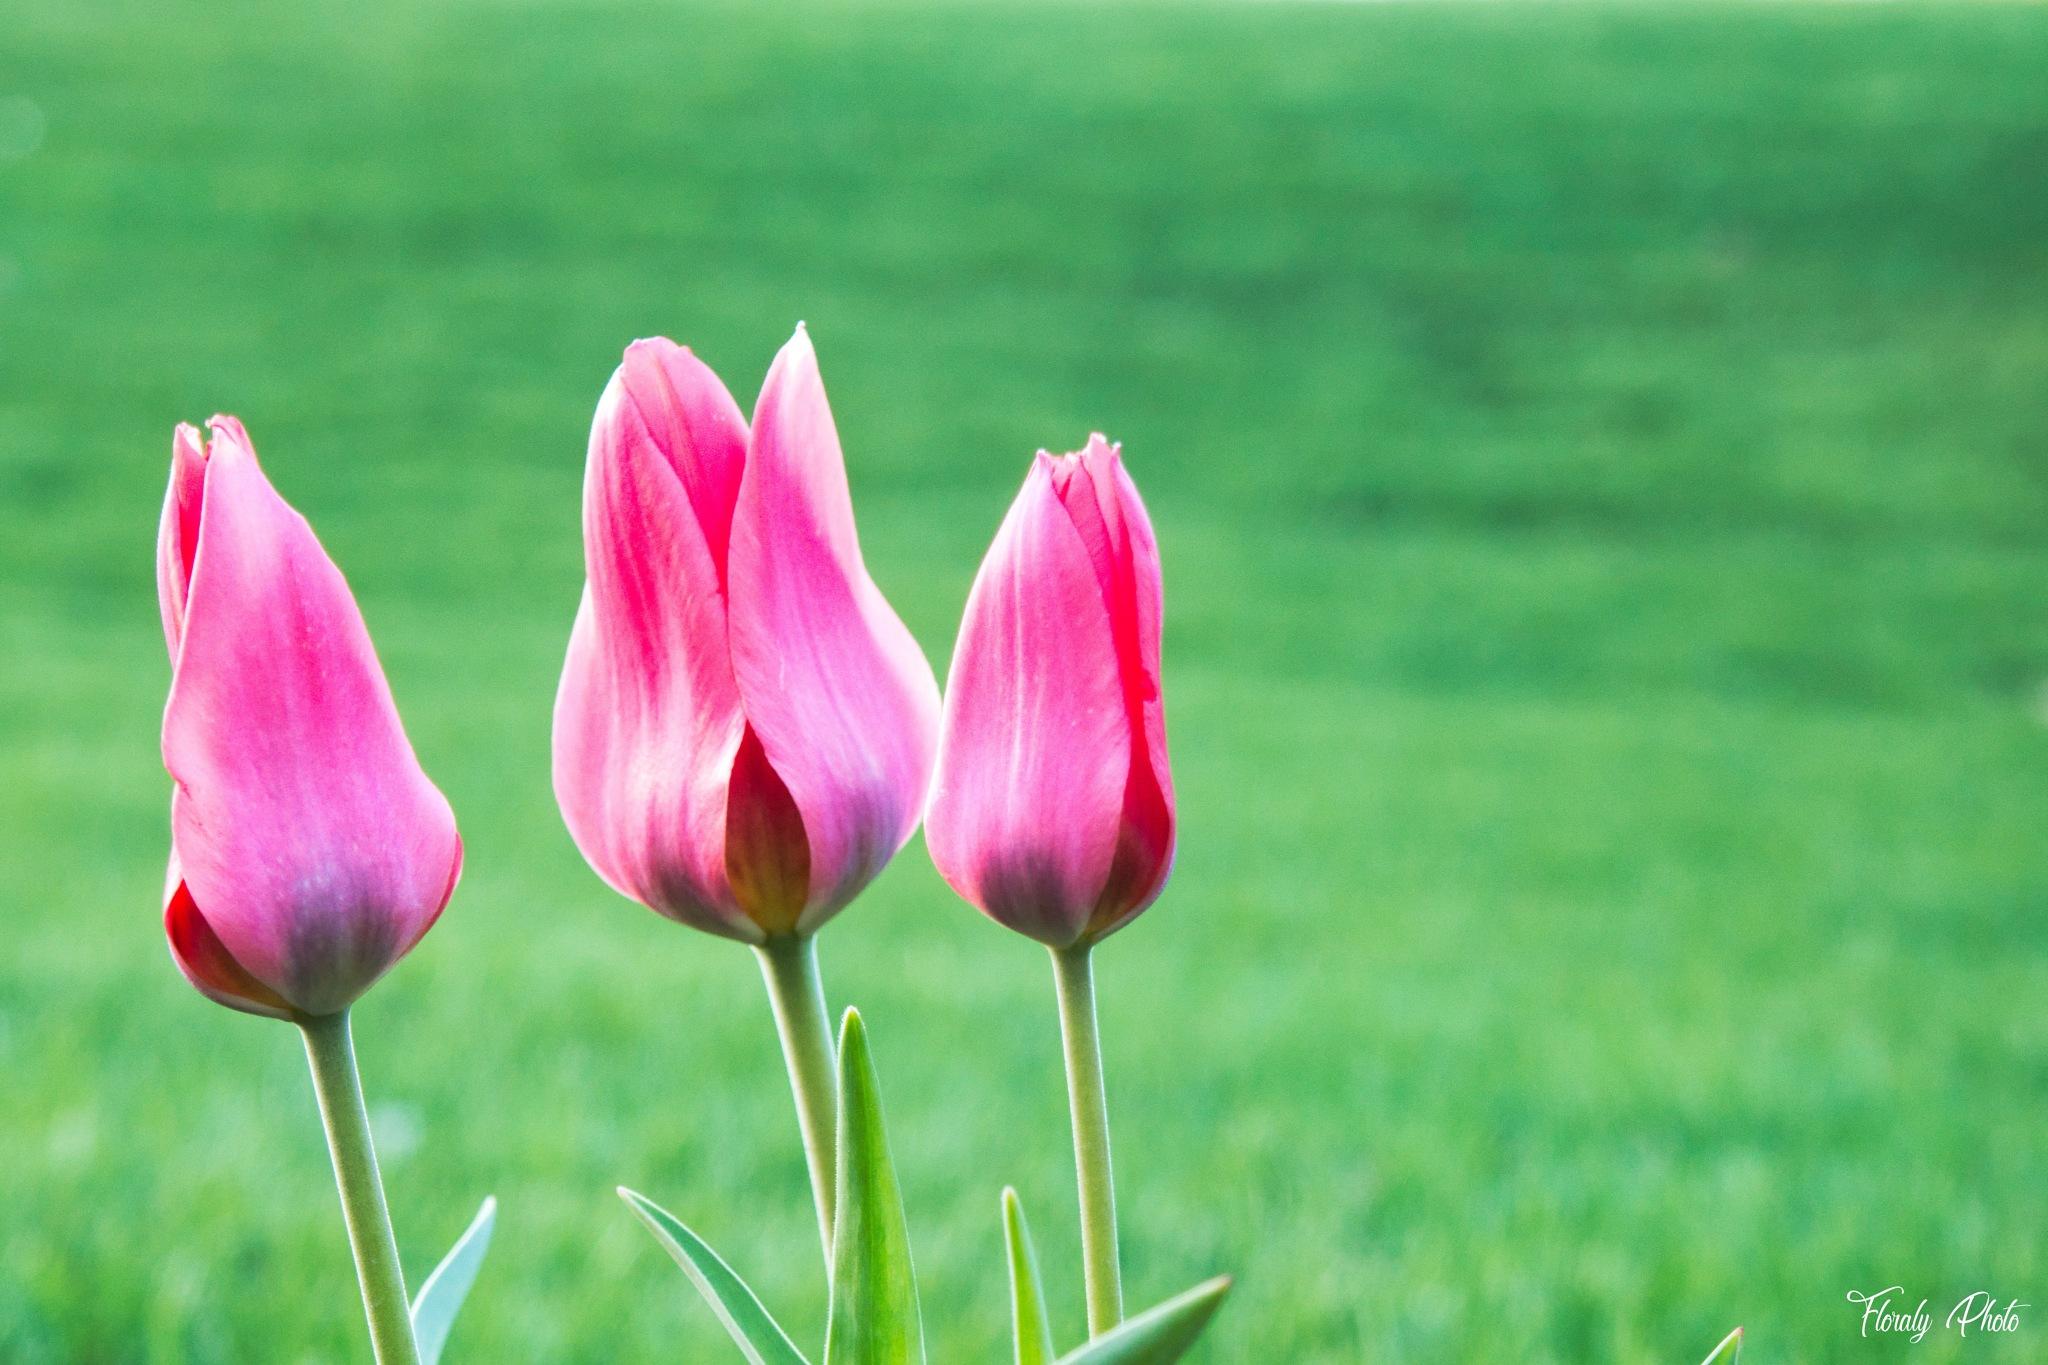 Trois-Rivières - Les 3 tulipes by FloralyPhoto